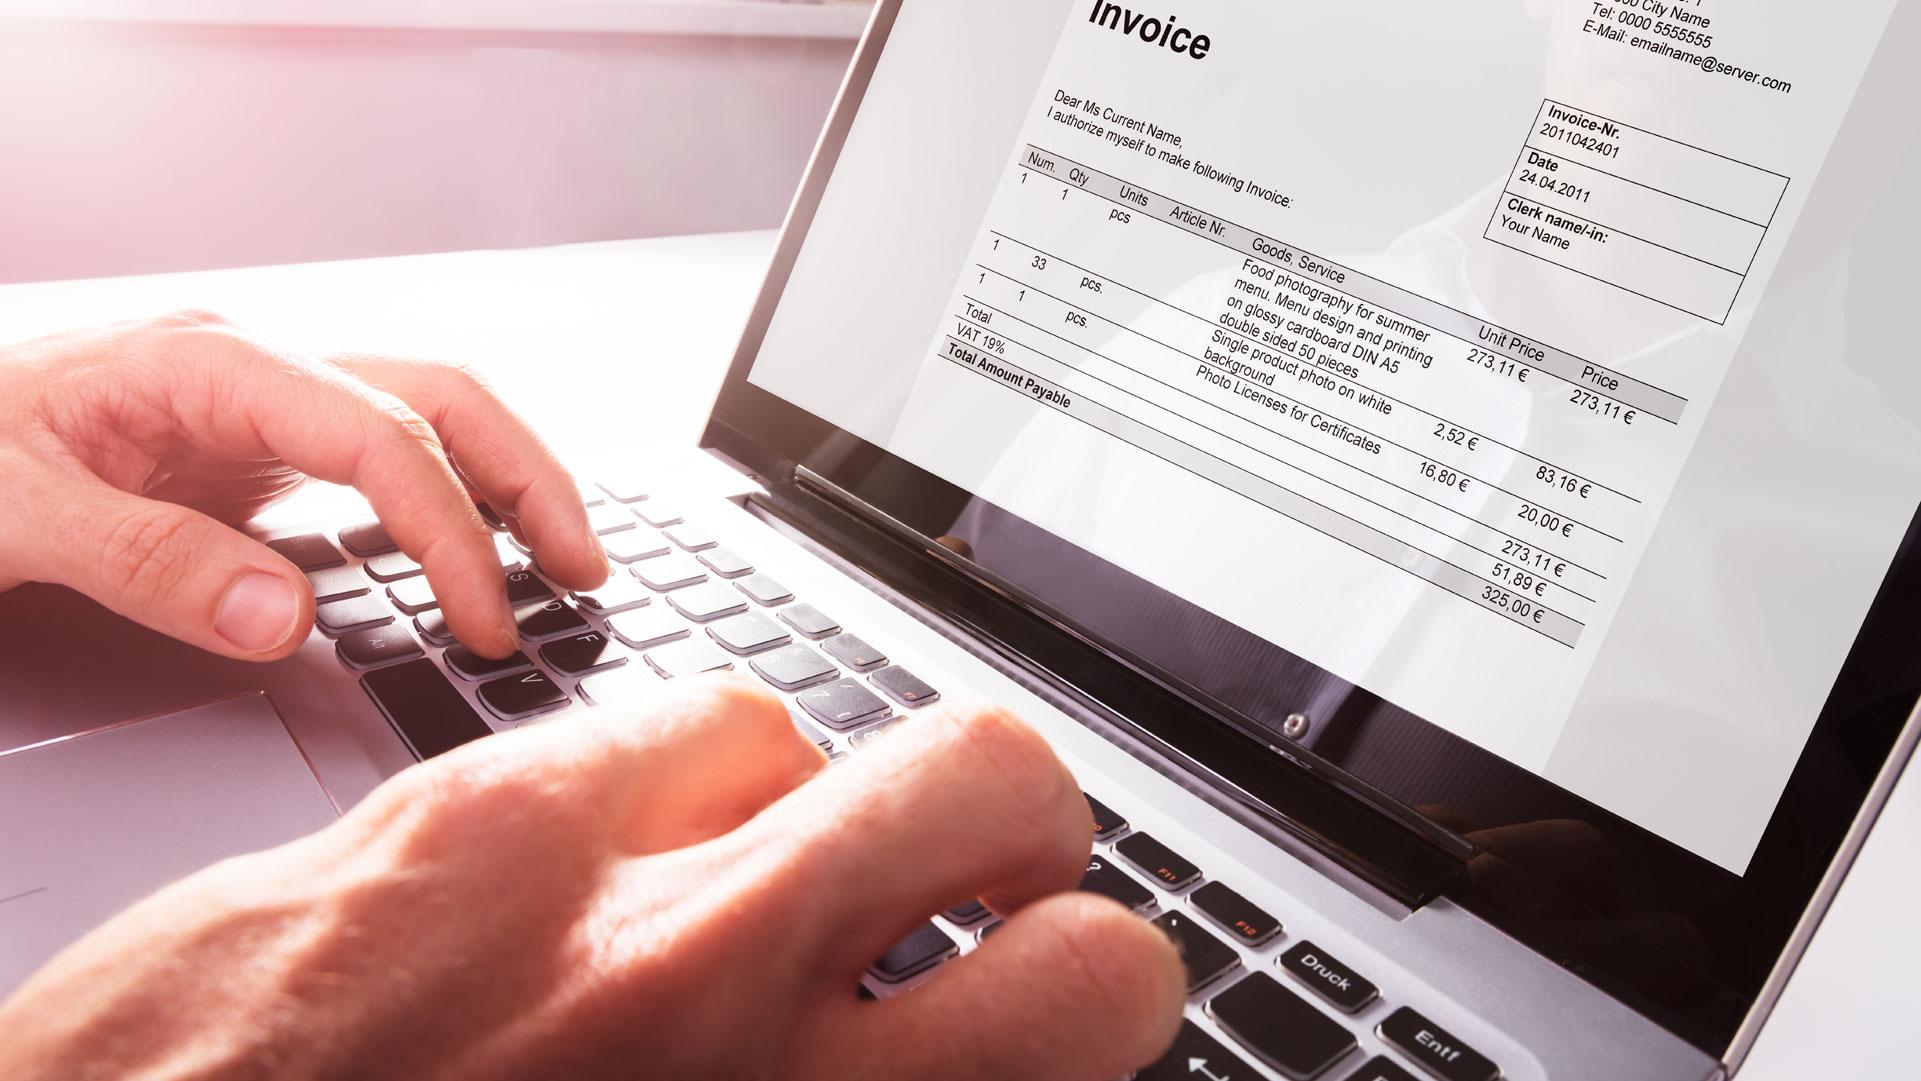 Un anno di e-fattura: superata la soglia dei 2 miliardi di invii